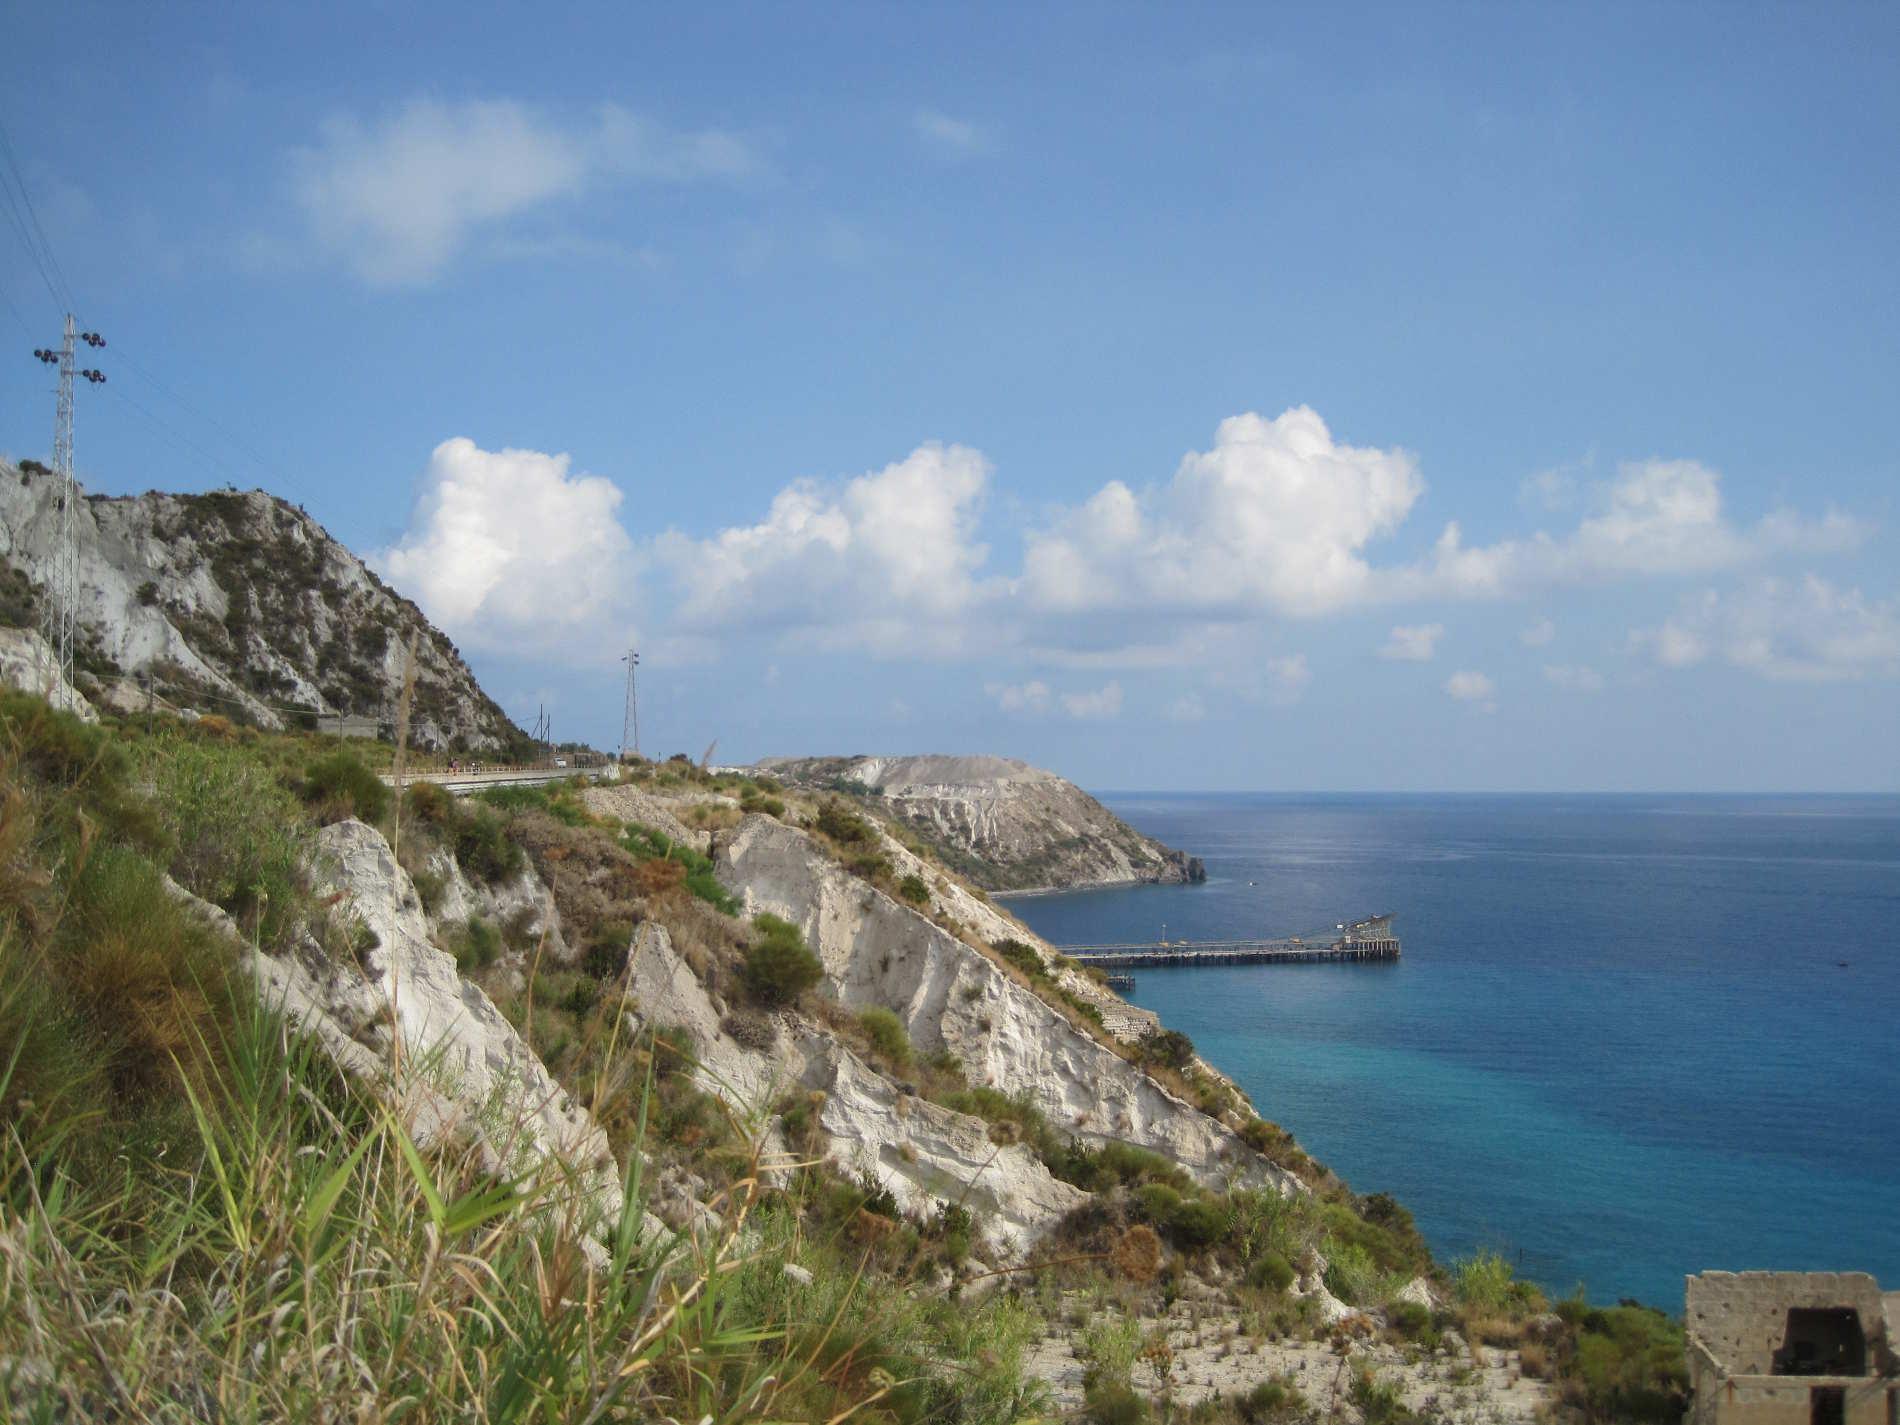 Collina e baia con le vecchie cave di pietra pomice a Lipari sulle Isole Eolie da vedere assolutamente